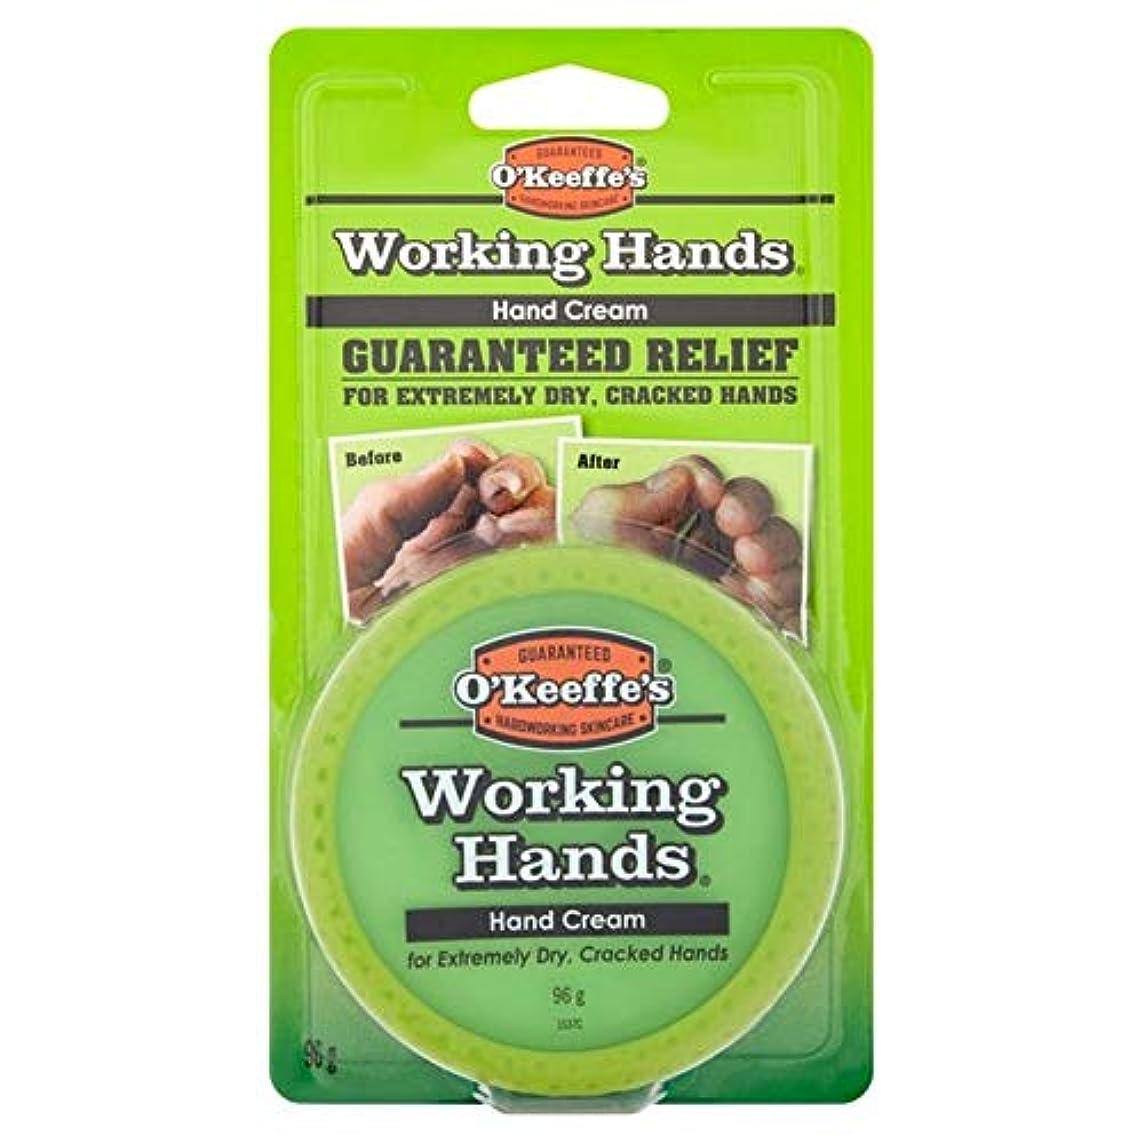 肥沃な良性ゴム[O'Keeffes] オキーフの作業の手クリーム96グラム - O'Keeffe's Working Hands Cream 96g [並行輸入品]